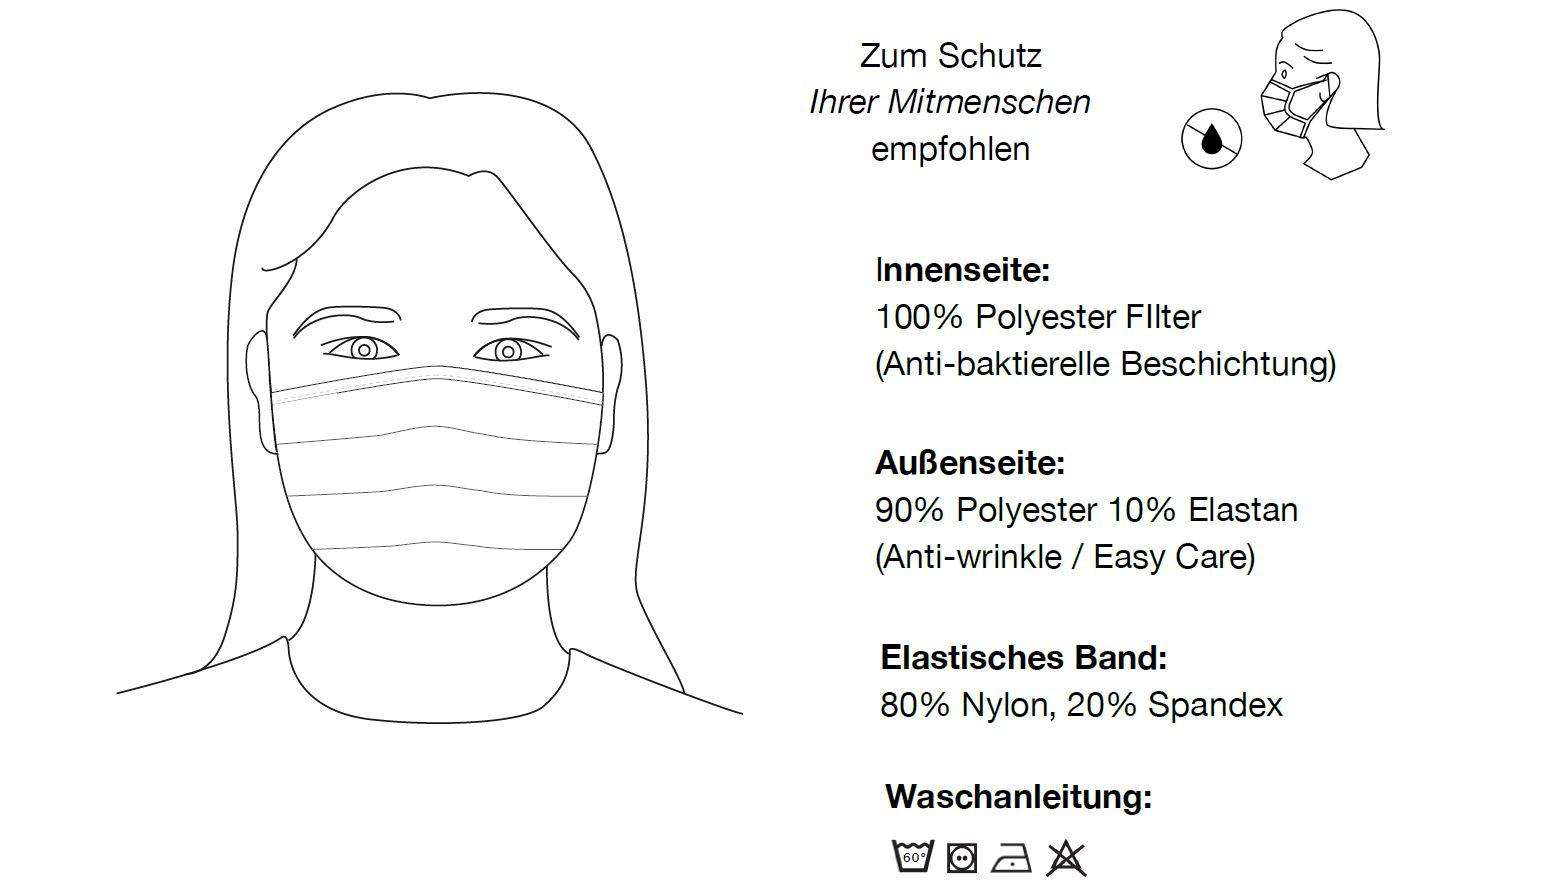 Wir unterstützen den Vertrieb von Mund-Nasen-Schutzmasken